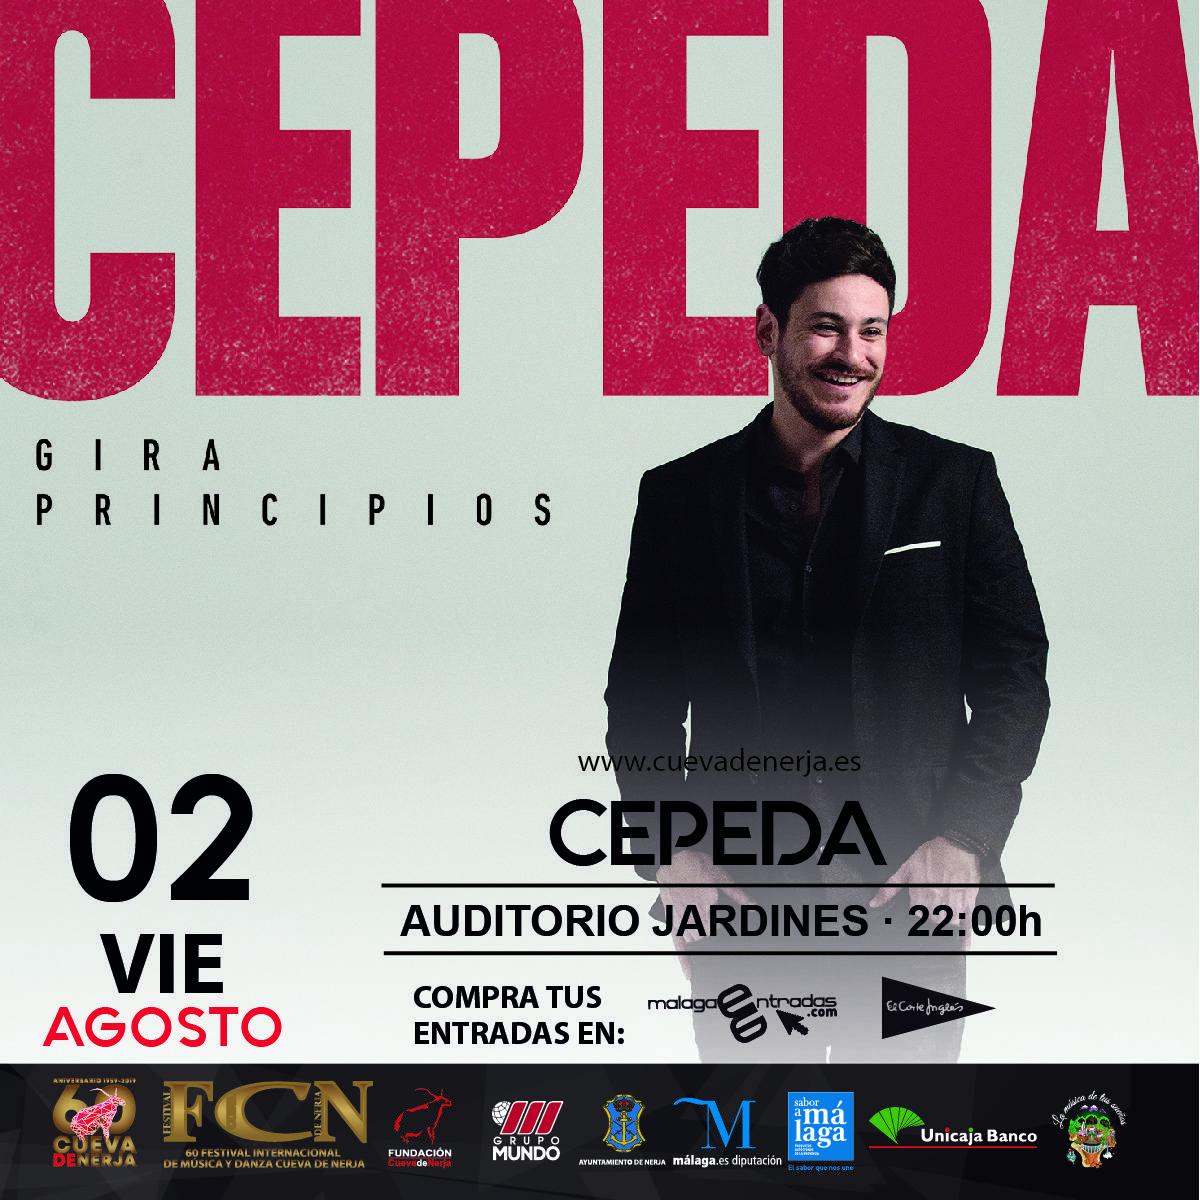 Cepeda presenta Principios en la Cueva de Nerja en Málaga